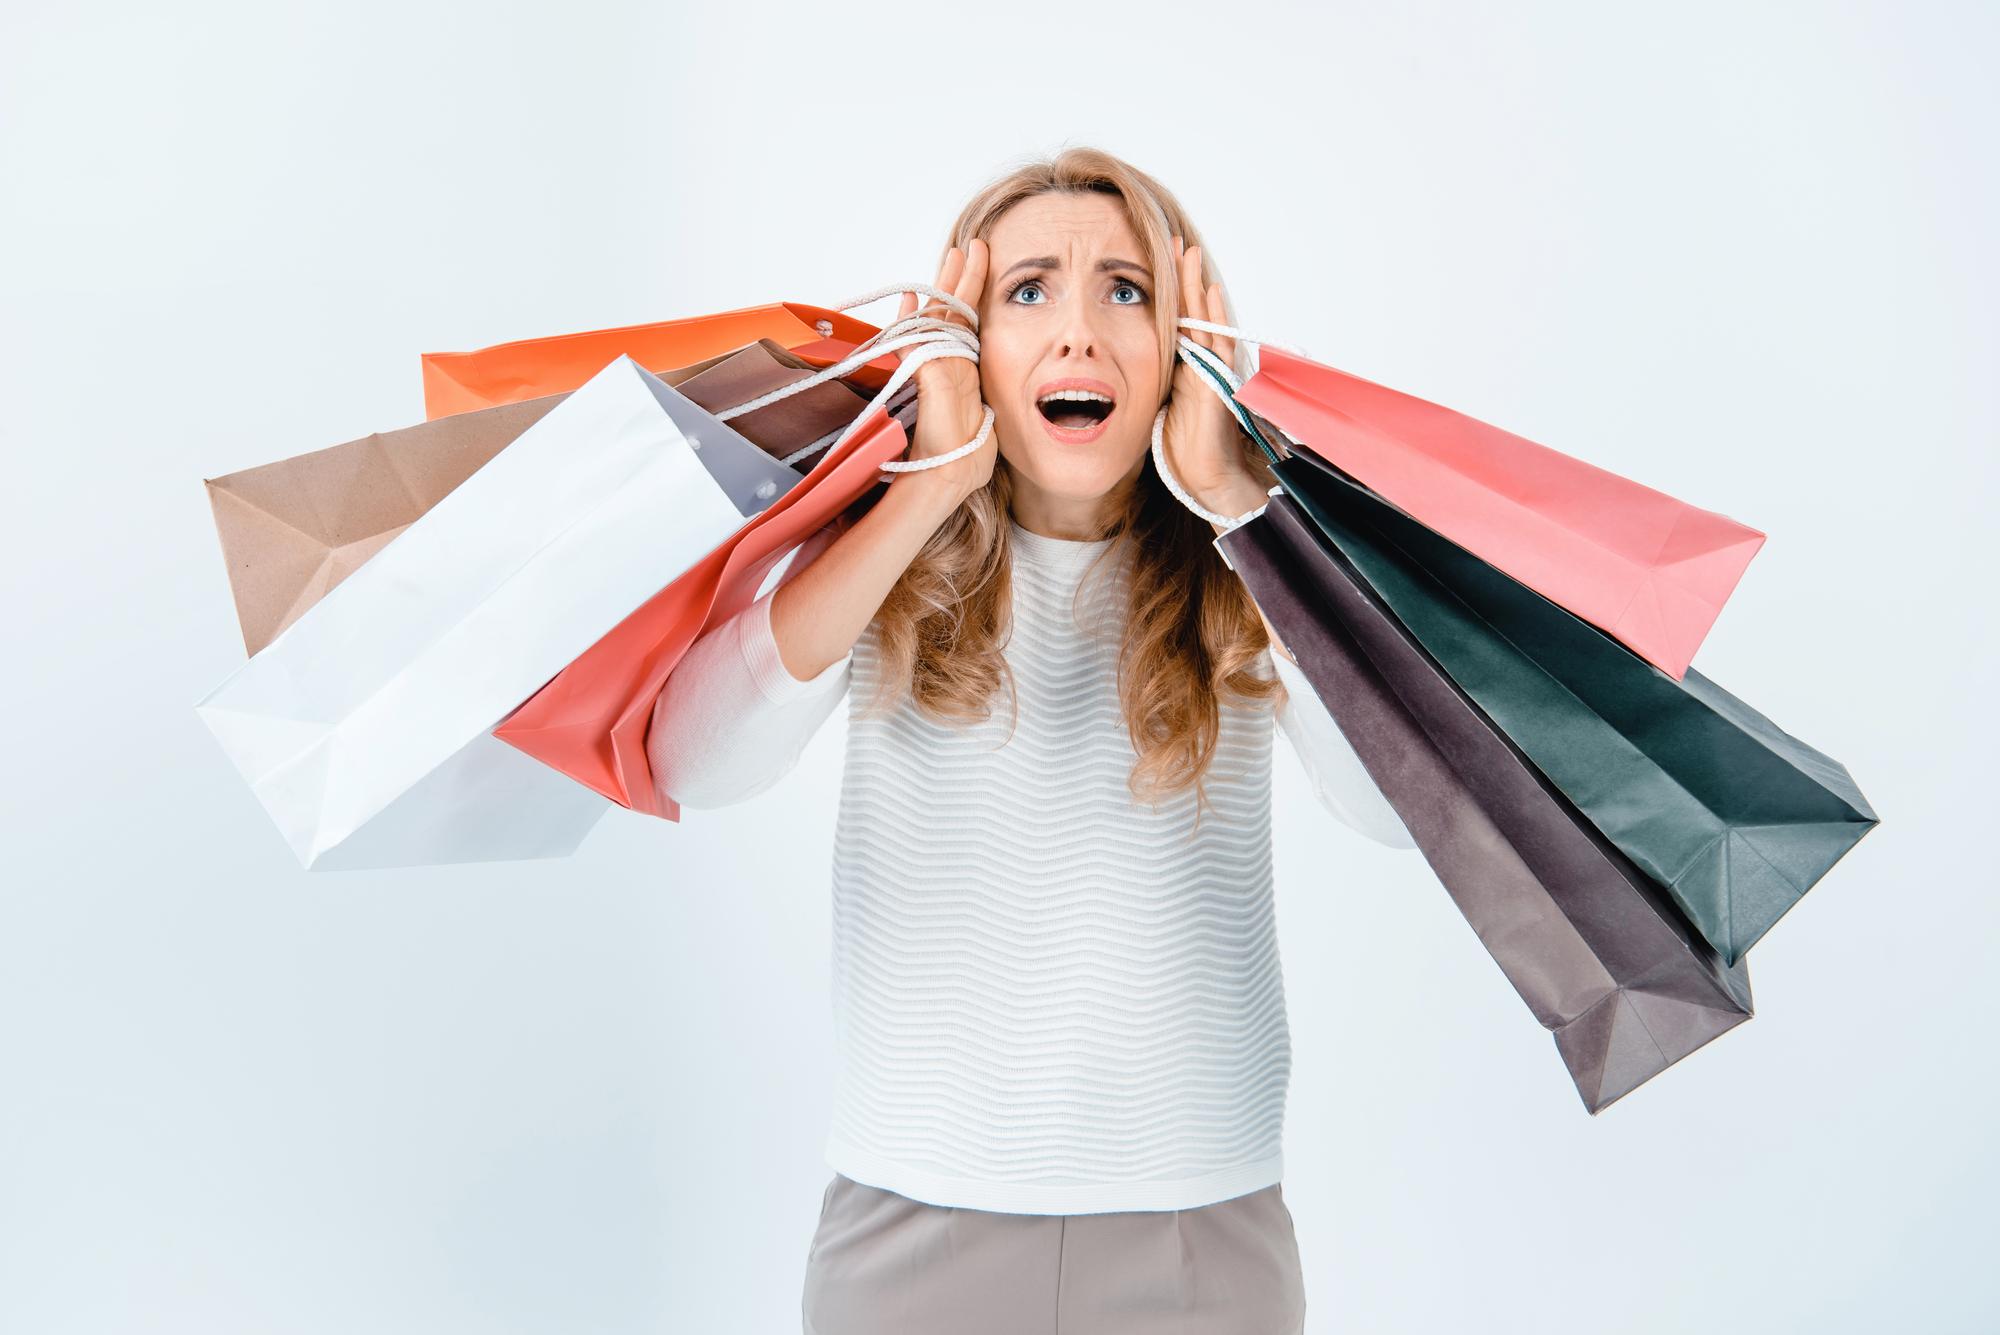 Kvindelig forbruger